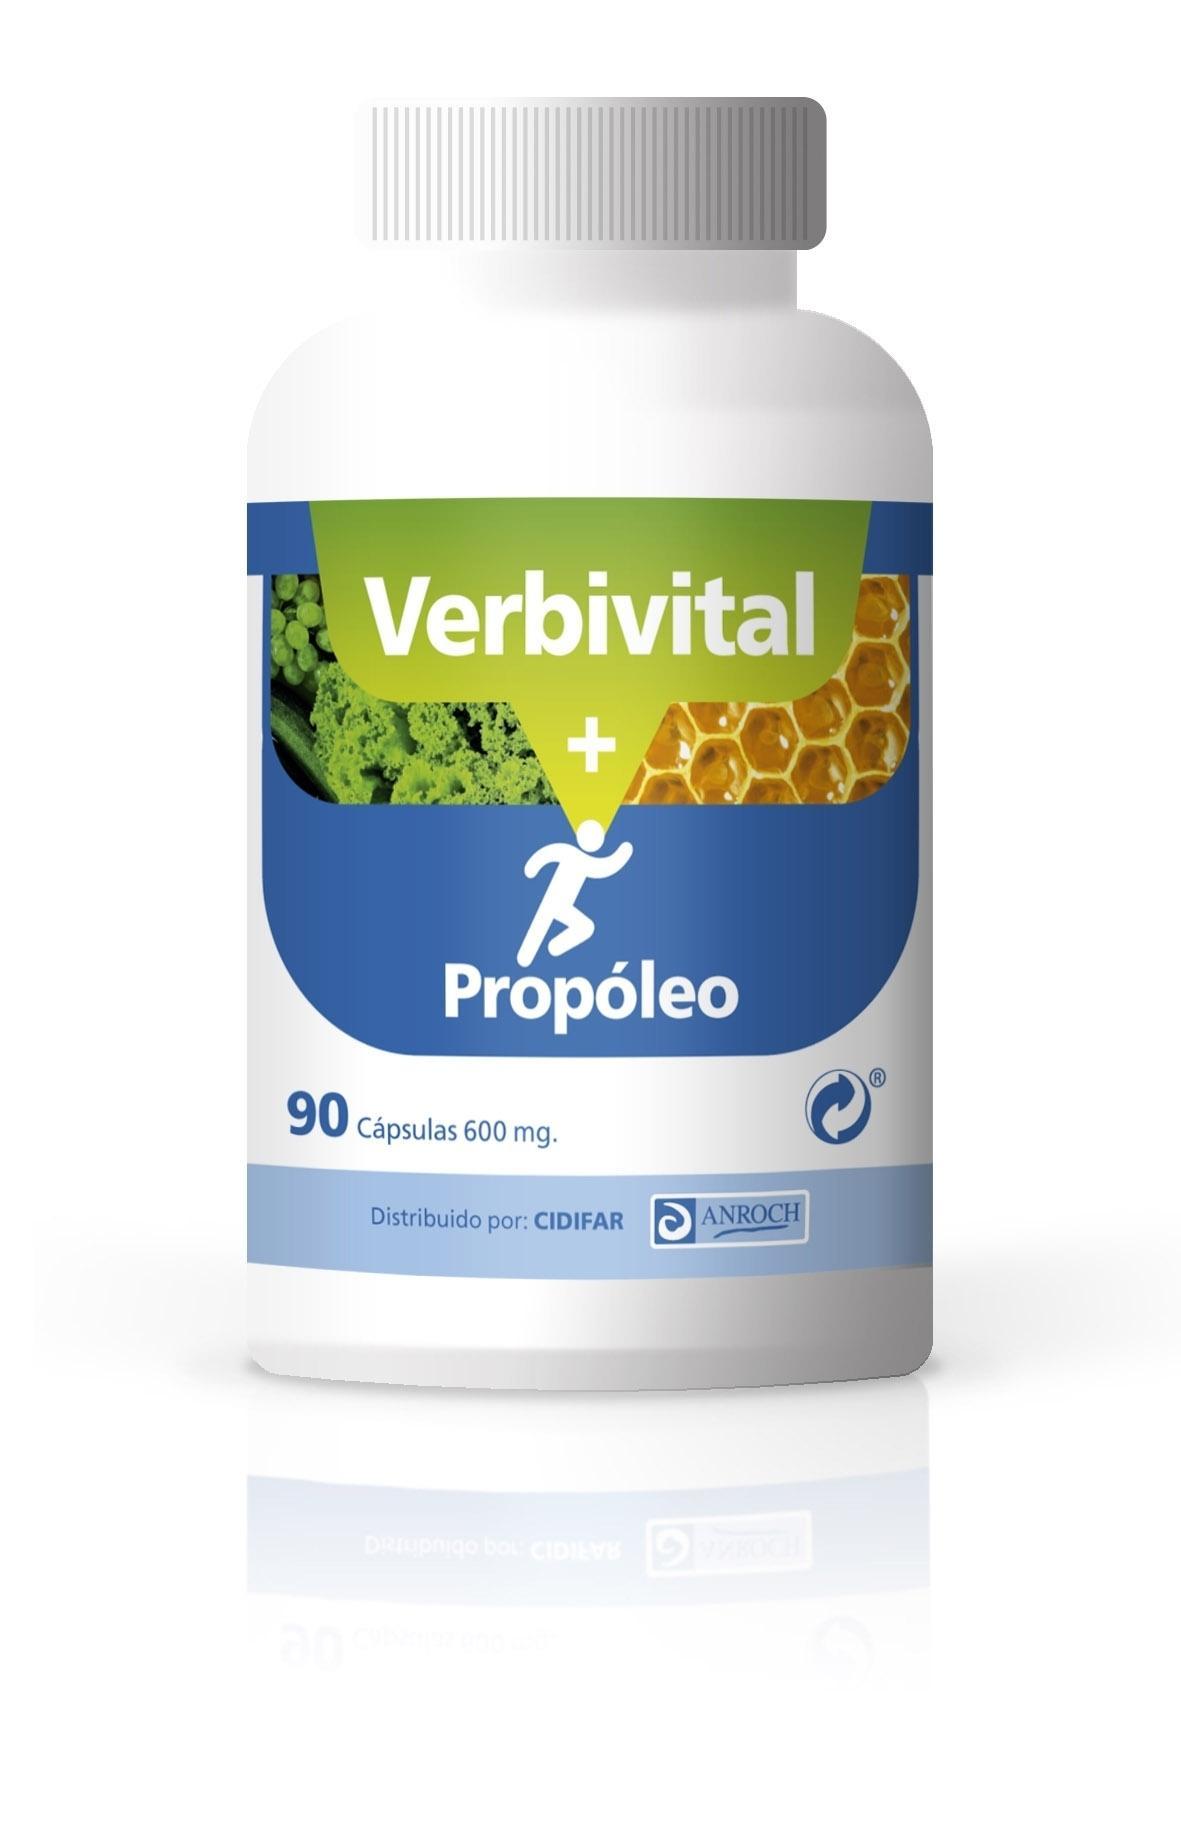 VERBIVITAL + PROPÓLEO, 90 cápsulas de 600 mg.